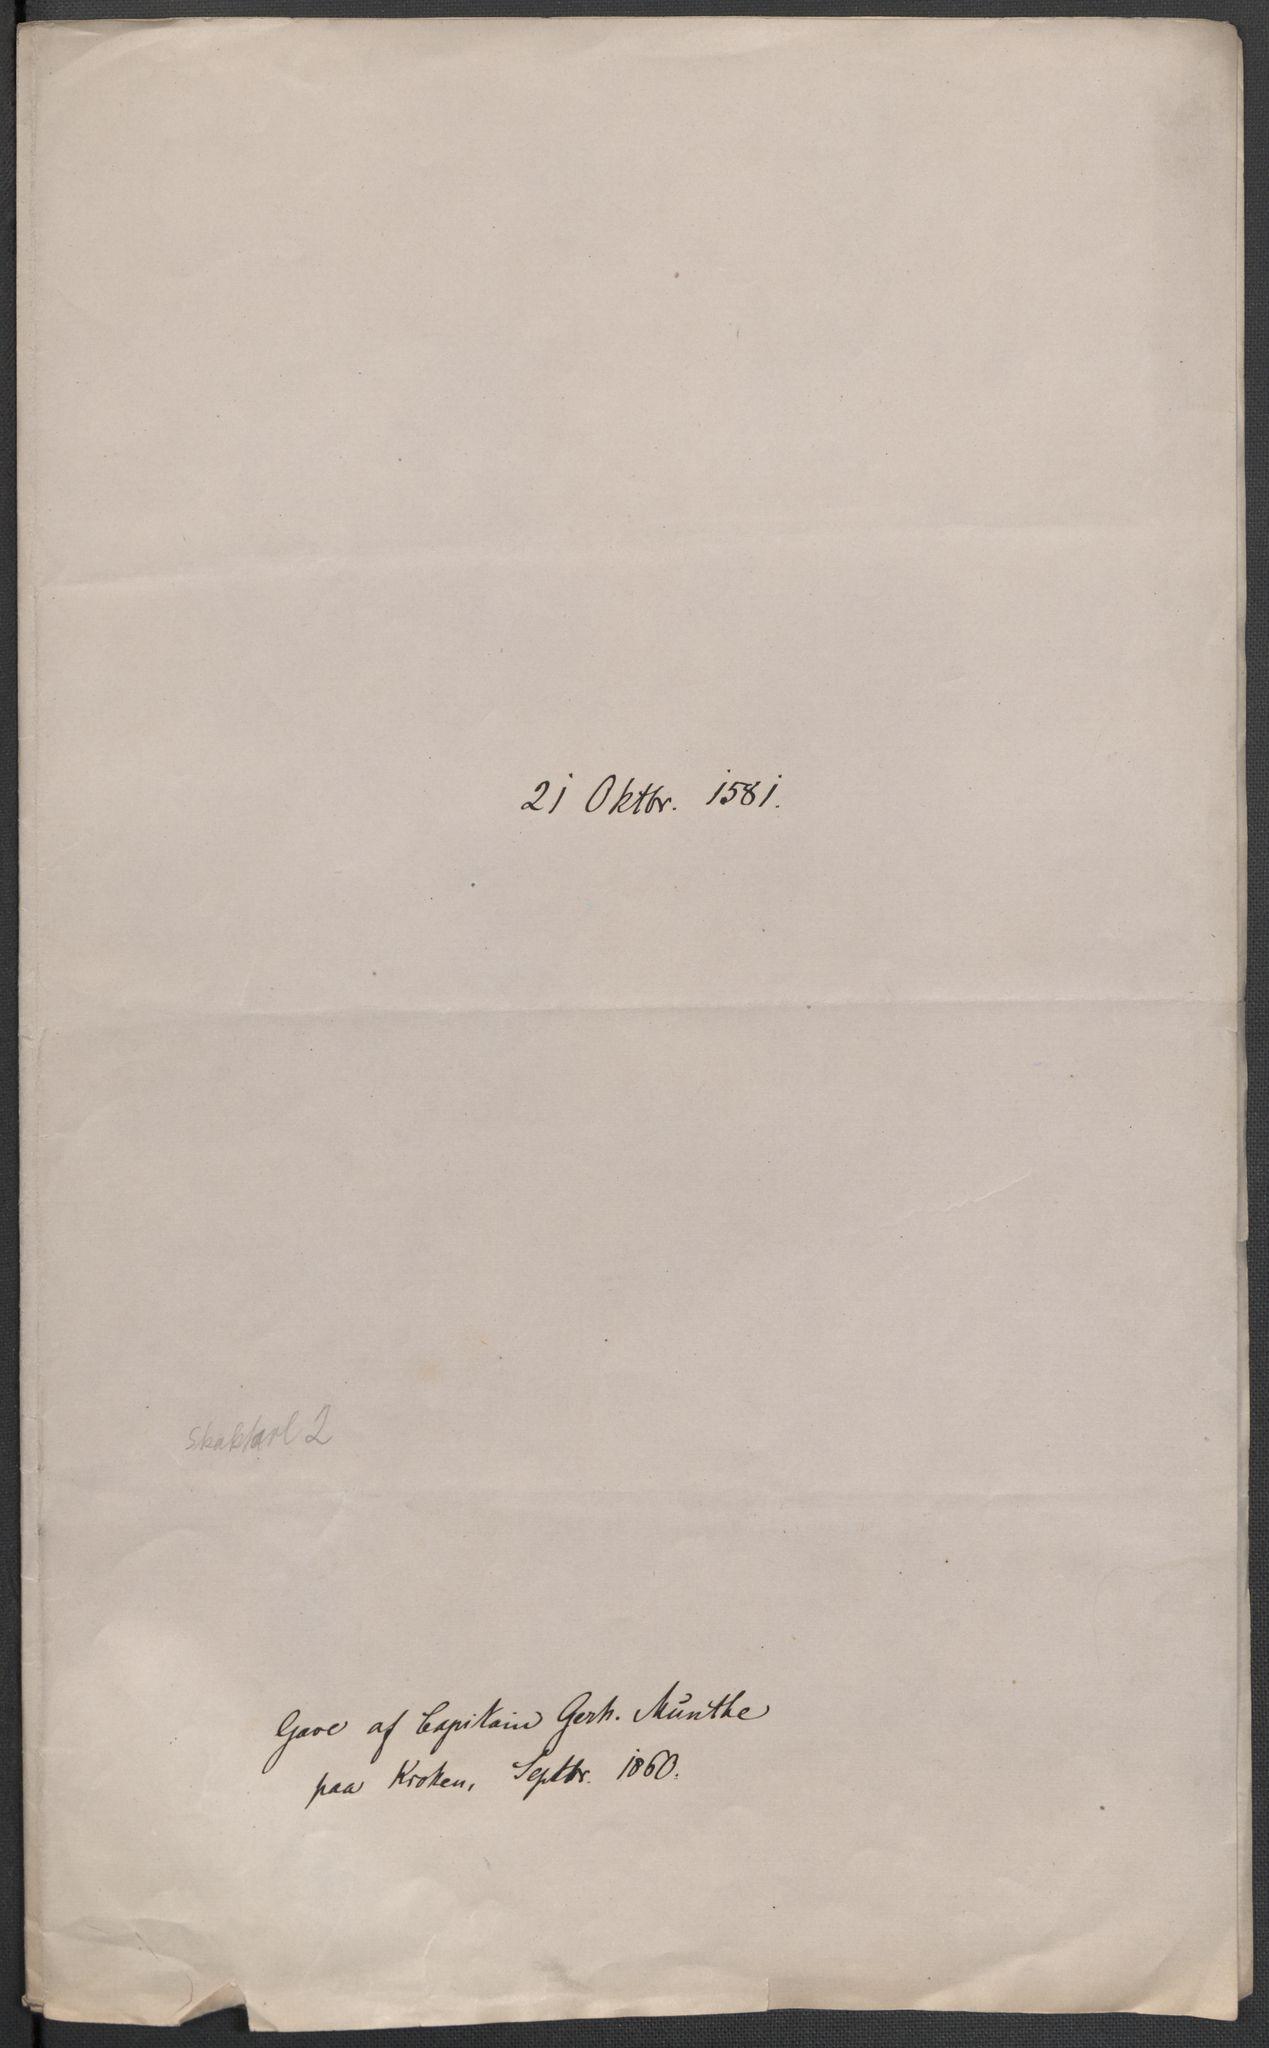 RA, Riksarkivets diplomsamling, F02/L0083: Dokumenter, 1581, s. 36